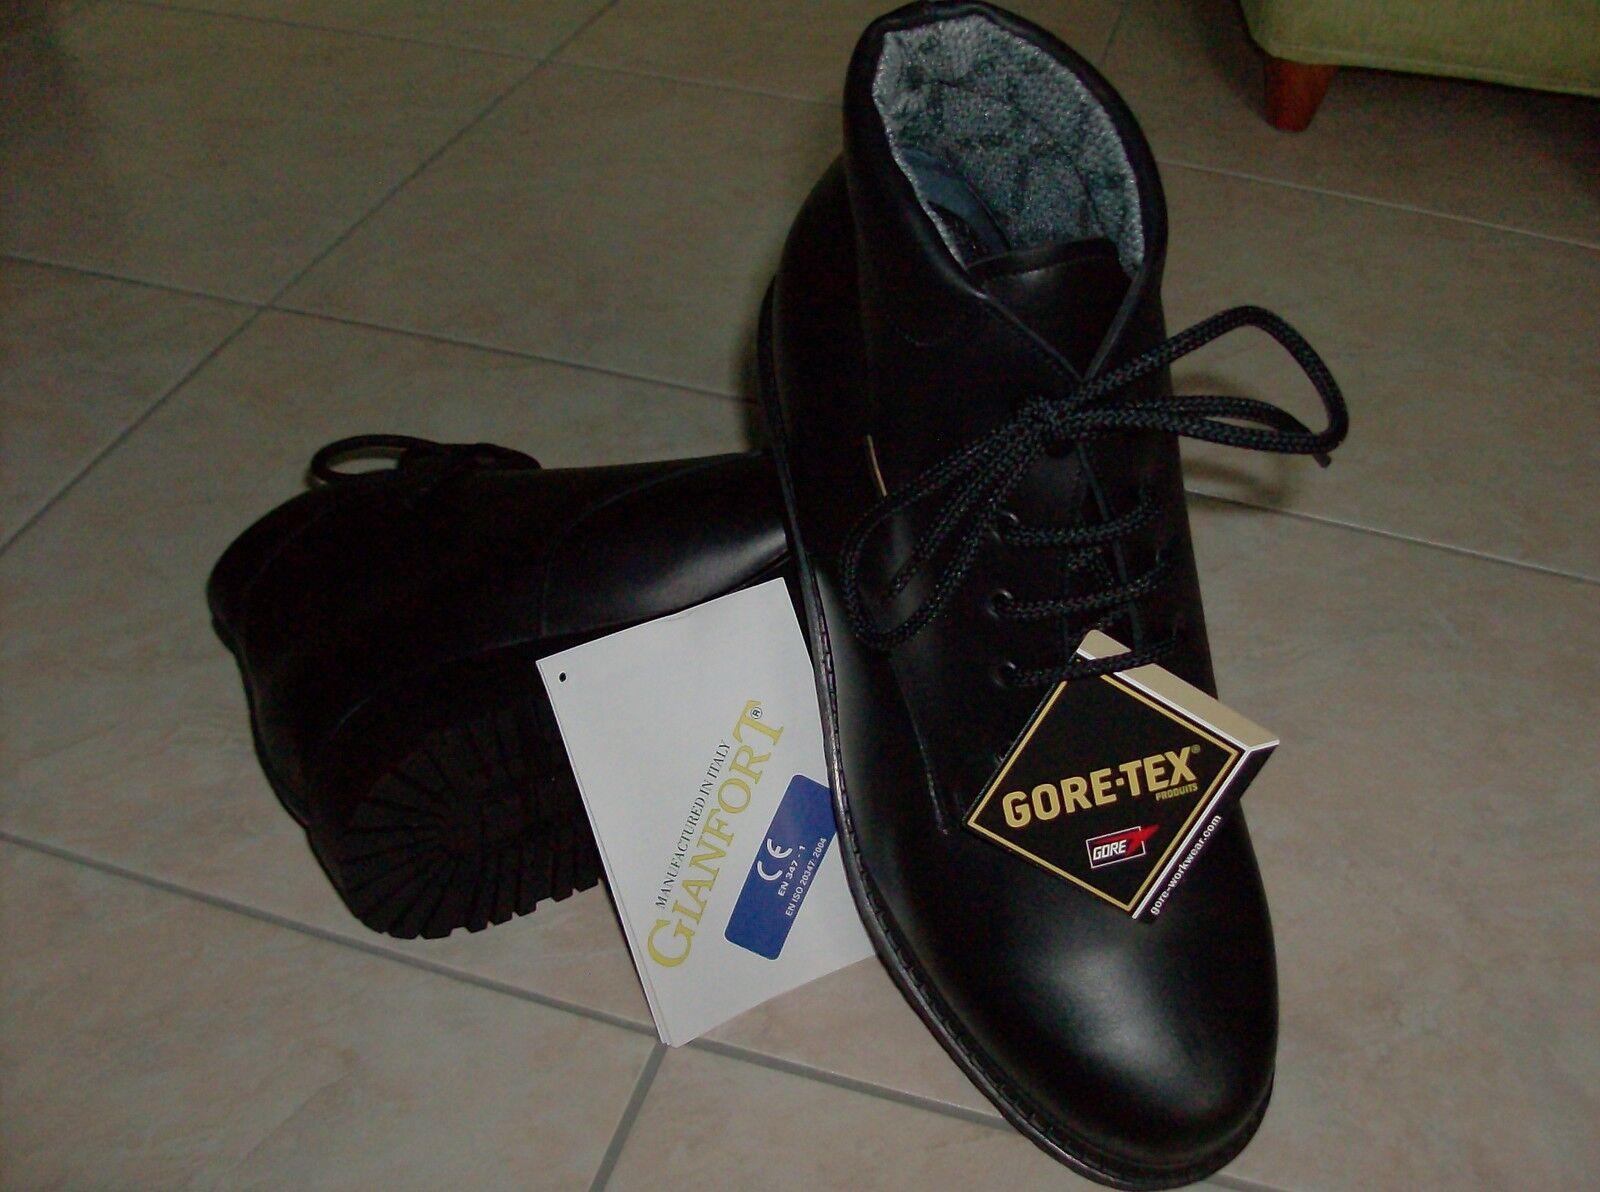 zapatos  - SCARPONCINI SCARPONCINI SCARPONCINI IN GORETEX NERO - SUOLA IN GOMMA ANTISCIVOLO ee88ec